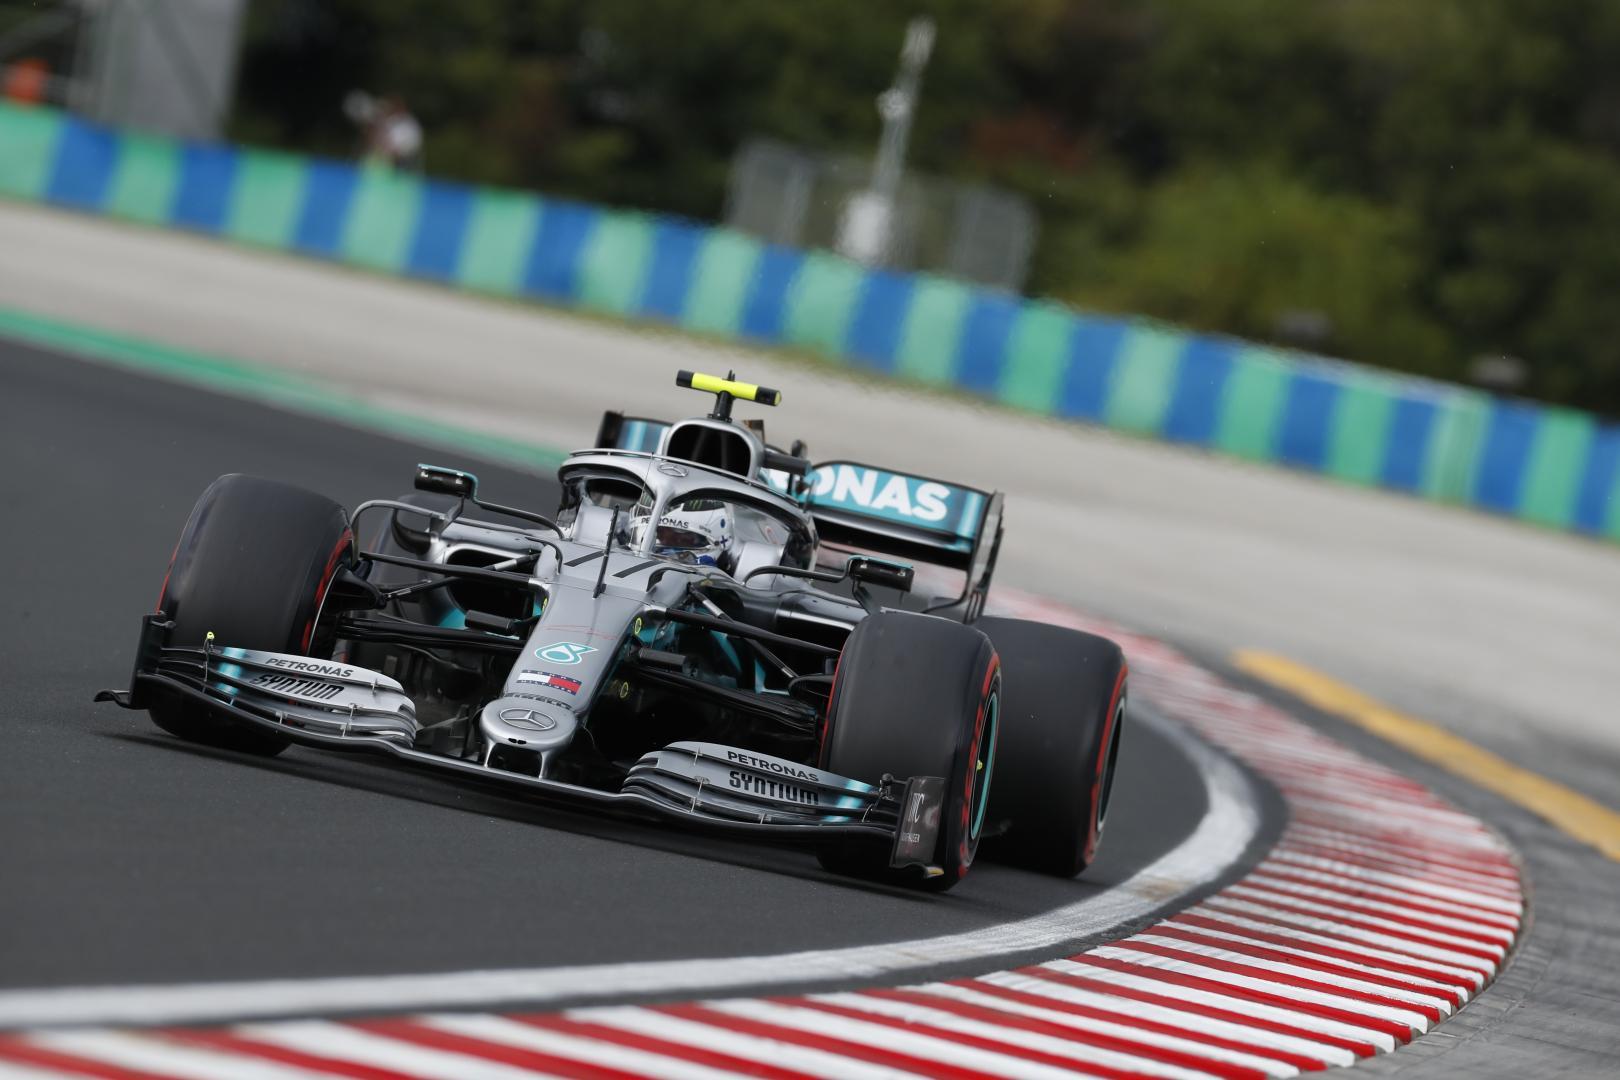 Kwalificatie van de GP van Hongarije 2019